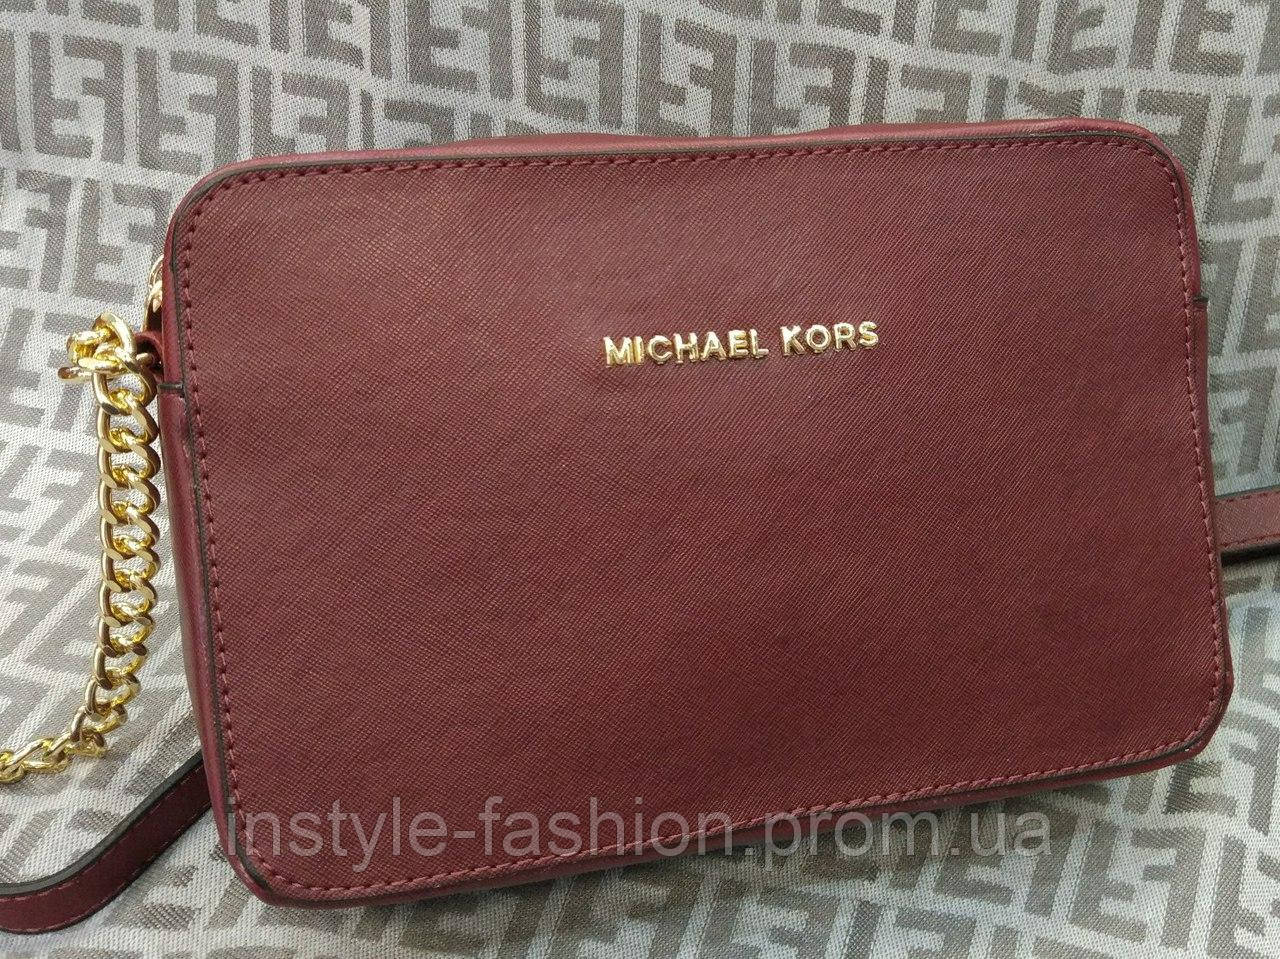 Сумка клатч через плечо на цепочке Michael kors MICHAEL KORS бордовая, фото 1